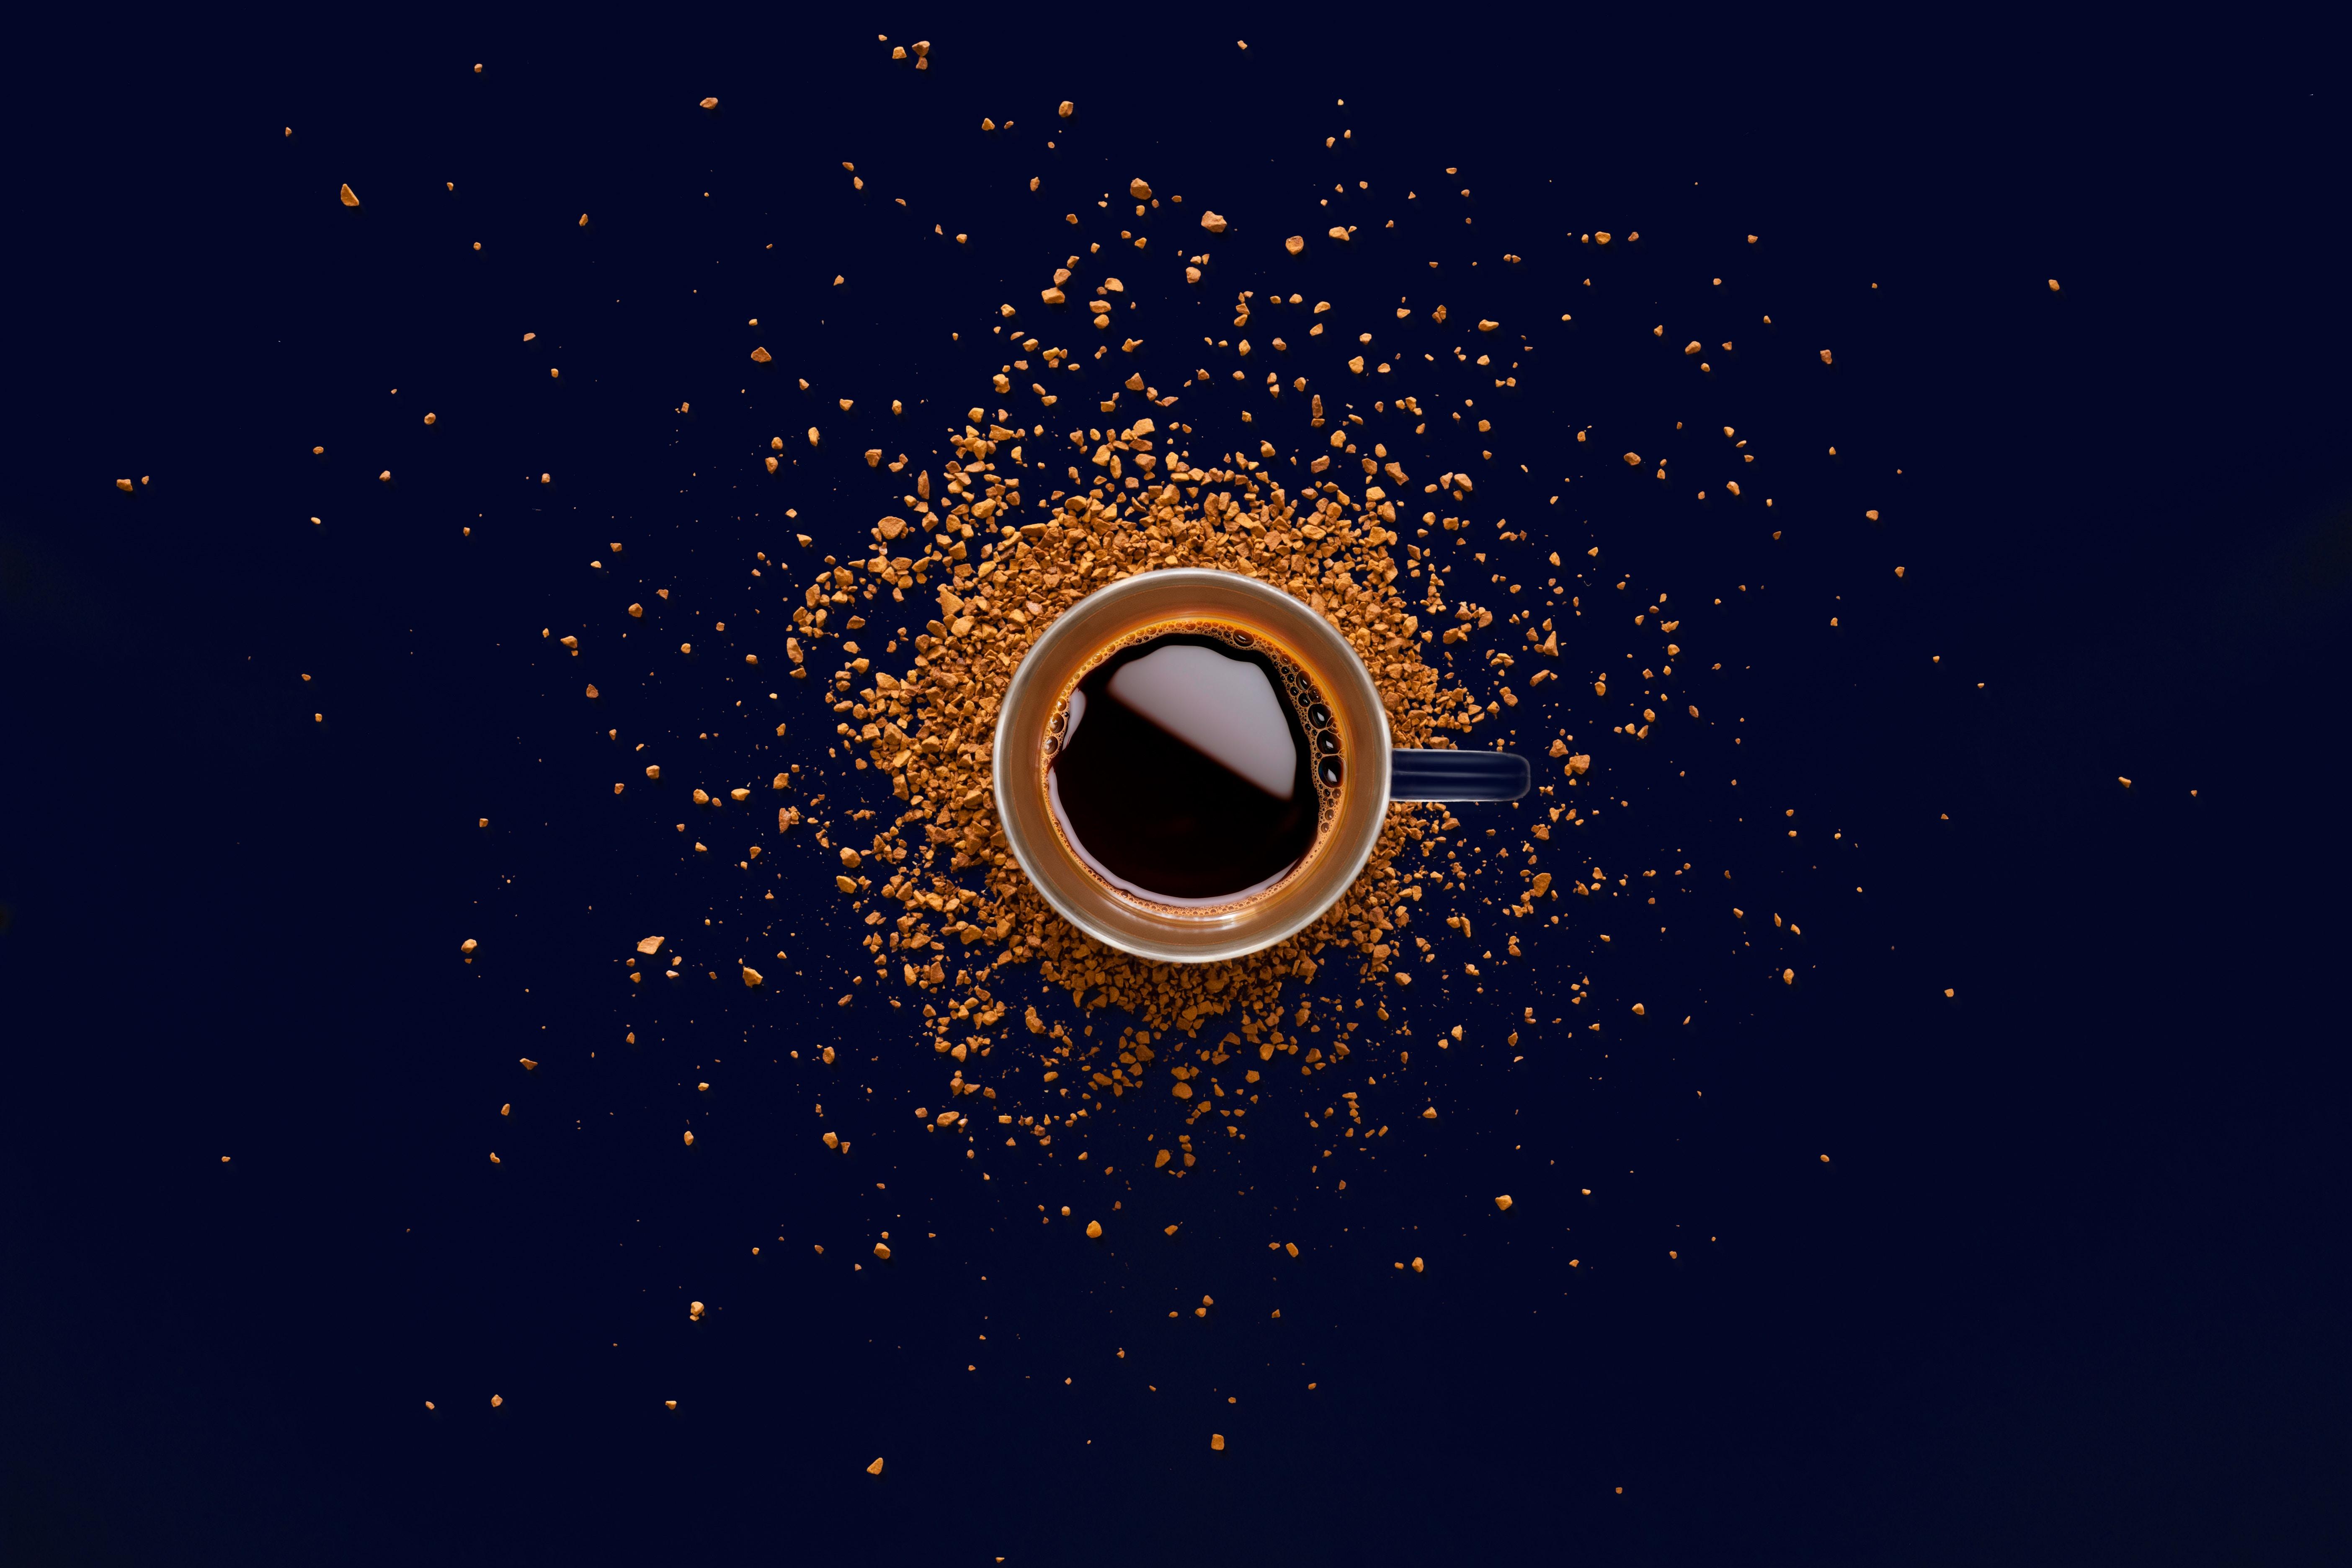 czy picie kawy powoduje raka?